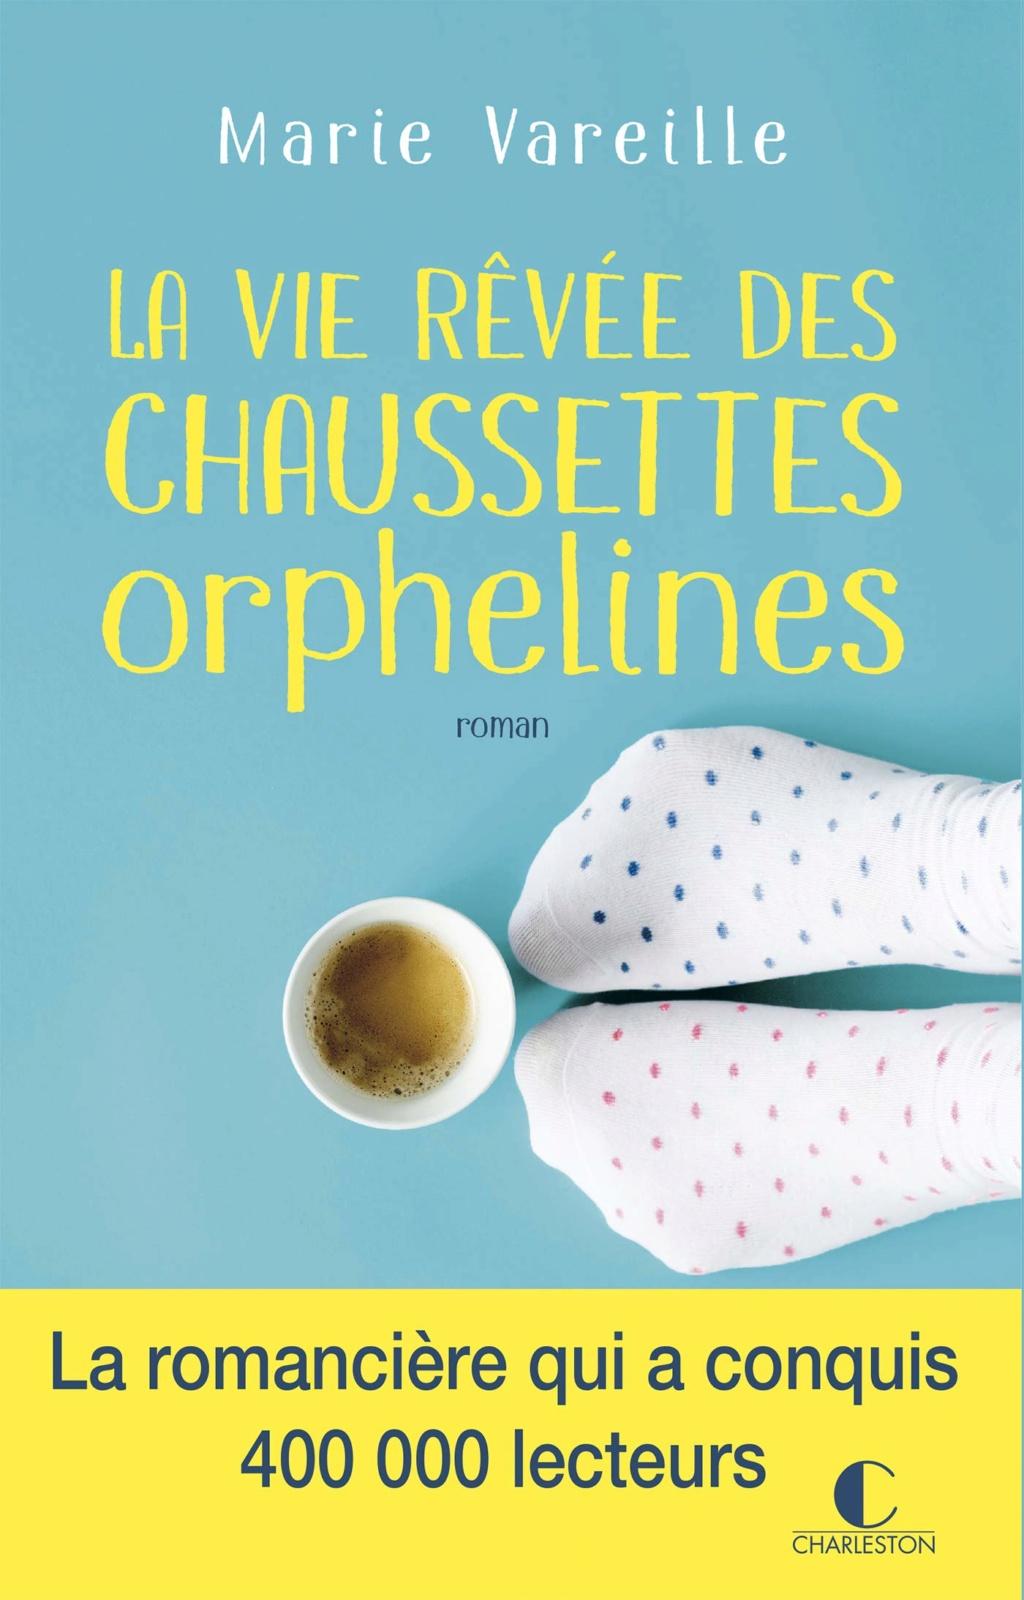 VAREILLE Marie - La Vie Rêvée des Chaussettes Orphelines Marie_10